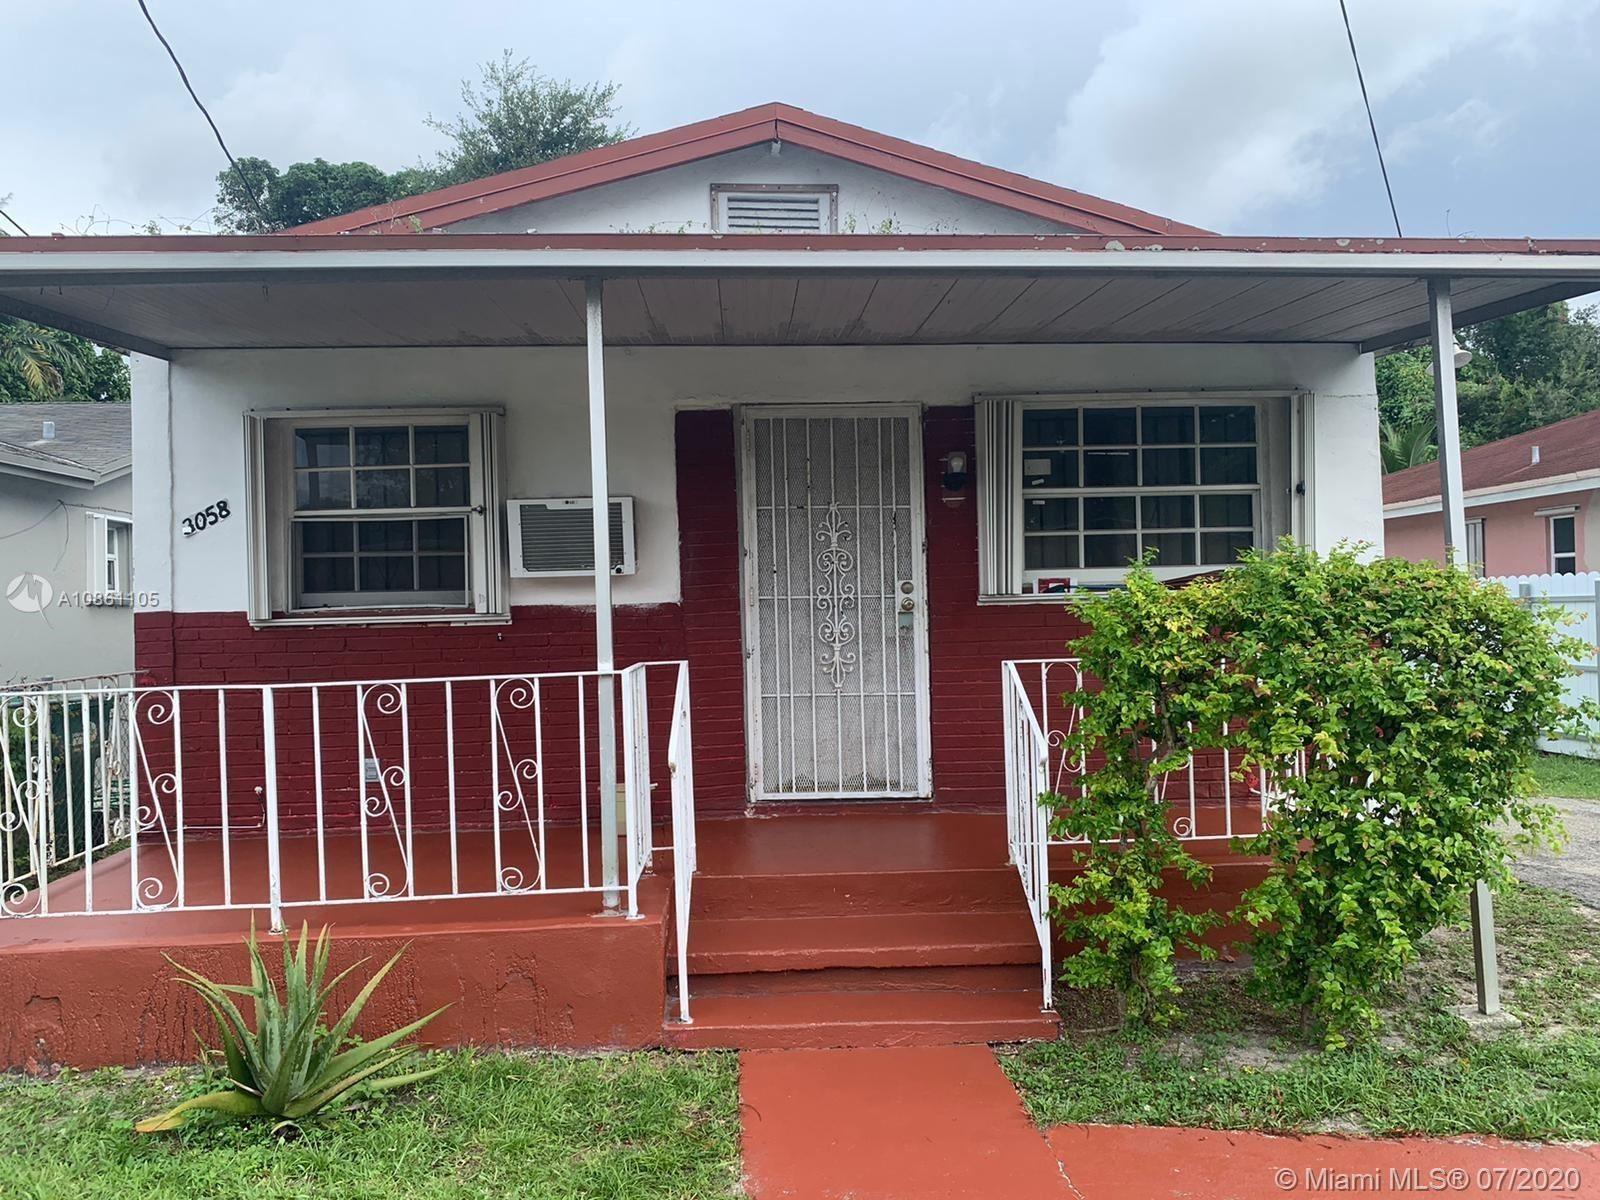 3058 NW 56th St, Miami, FL 33142 - #: A10861105